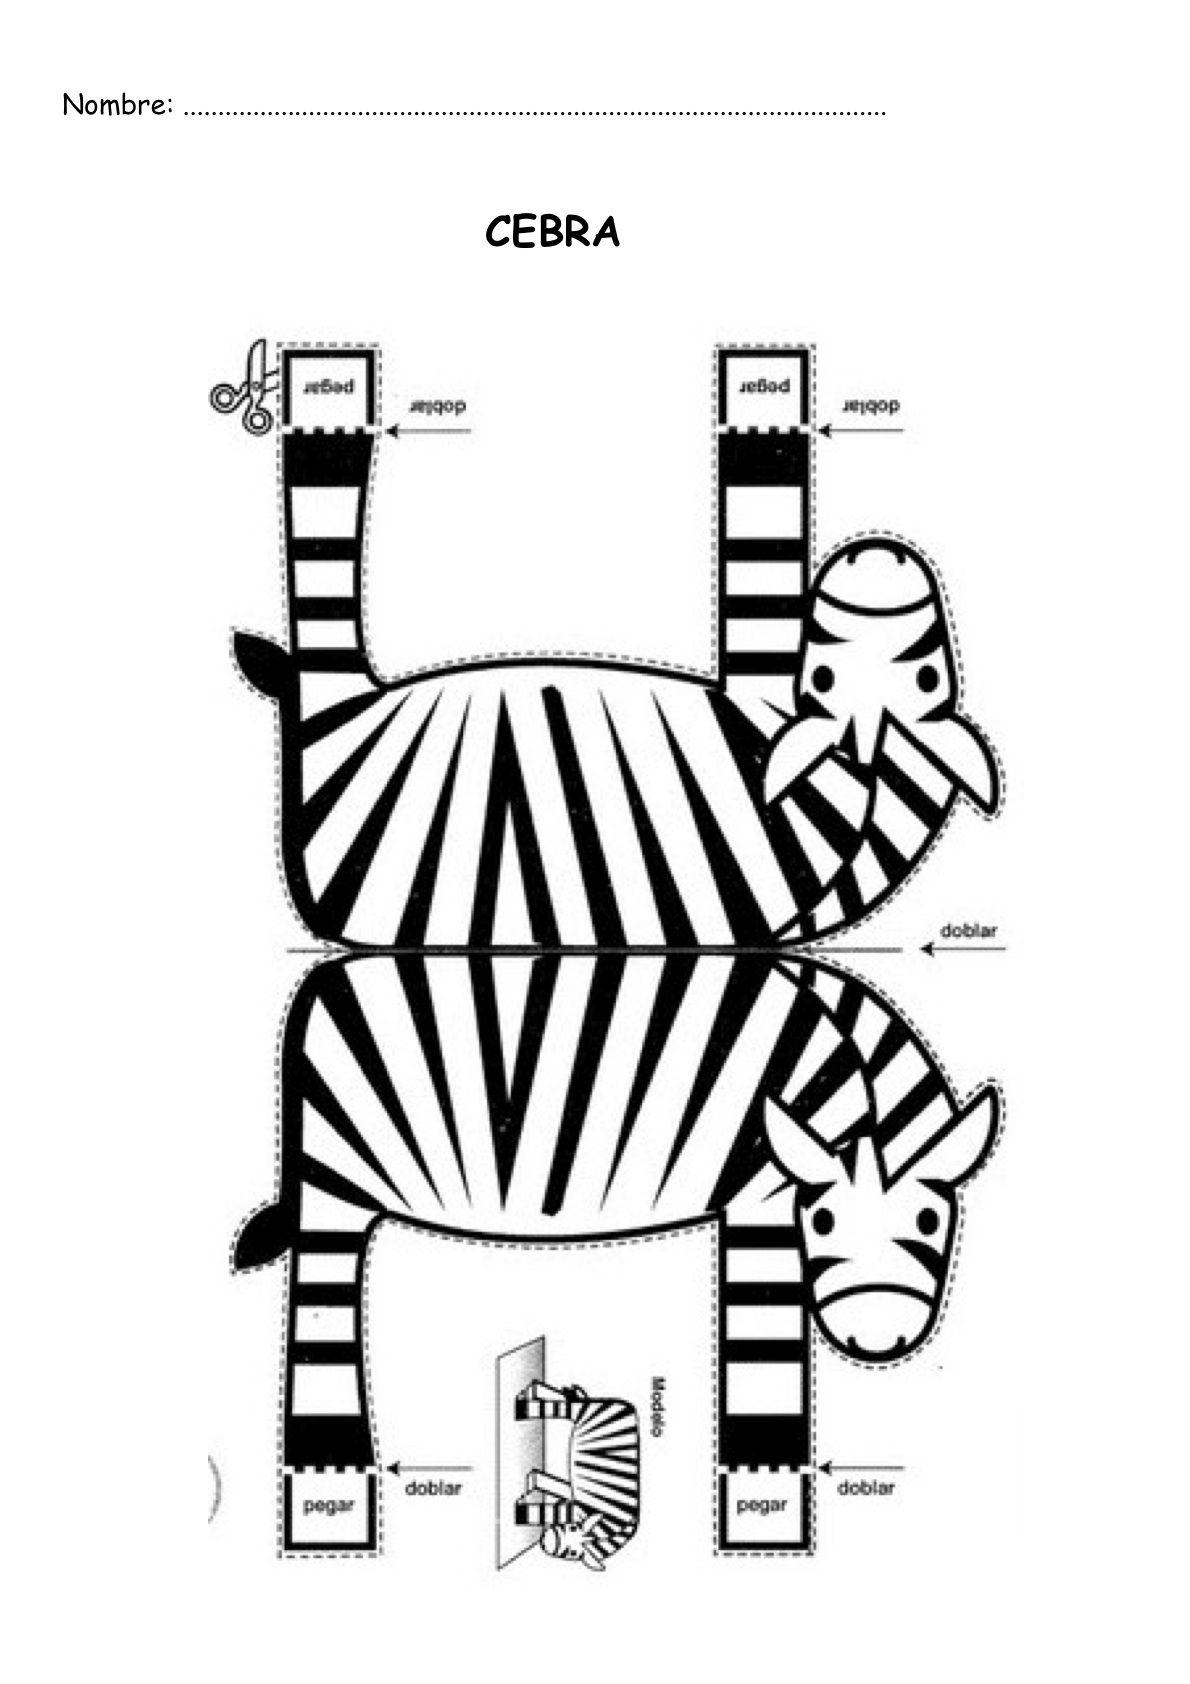 bricolage de zèbre - Recherche Google | 3D | Pinterest | Craft ...